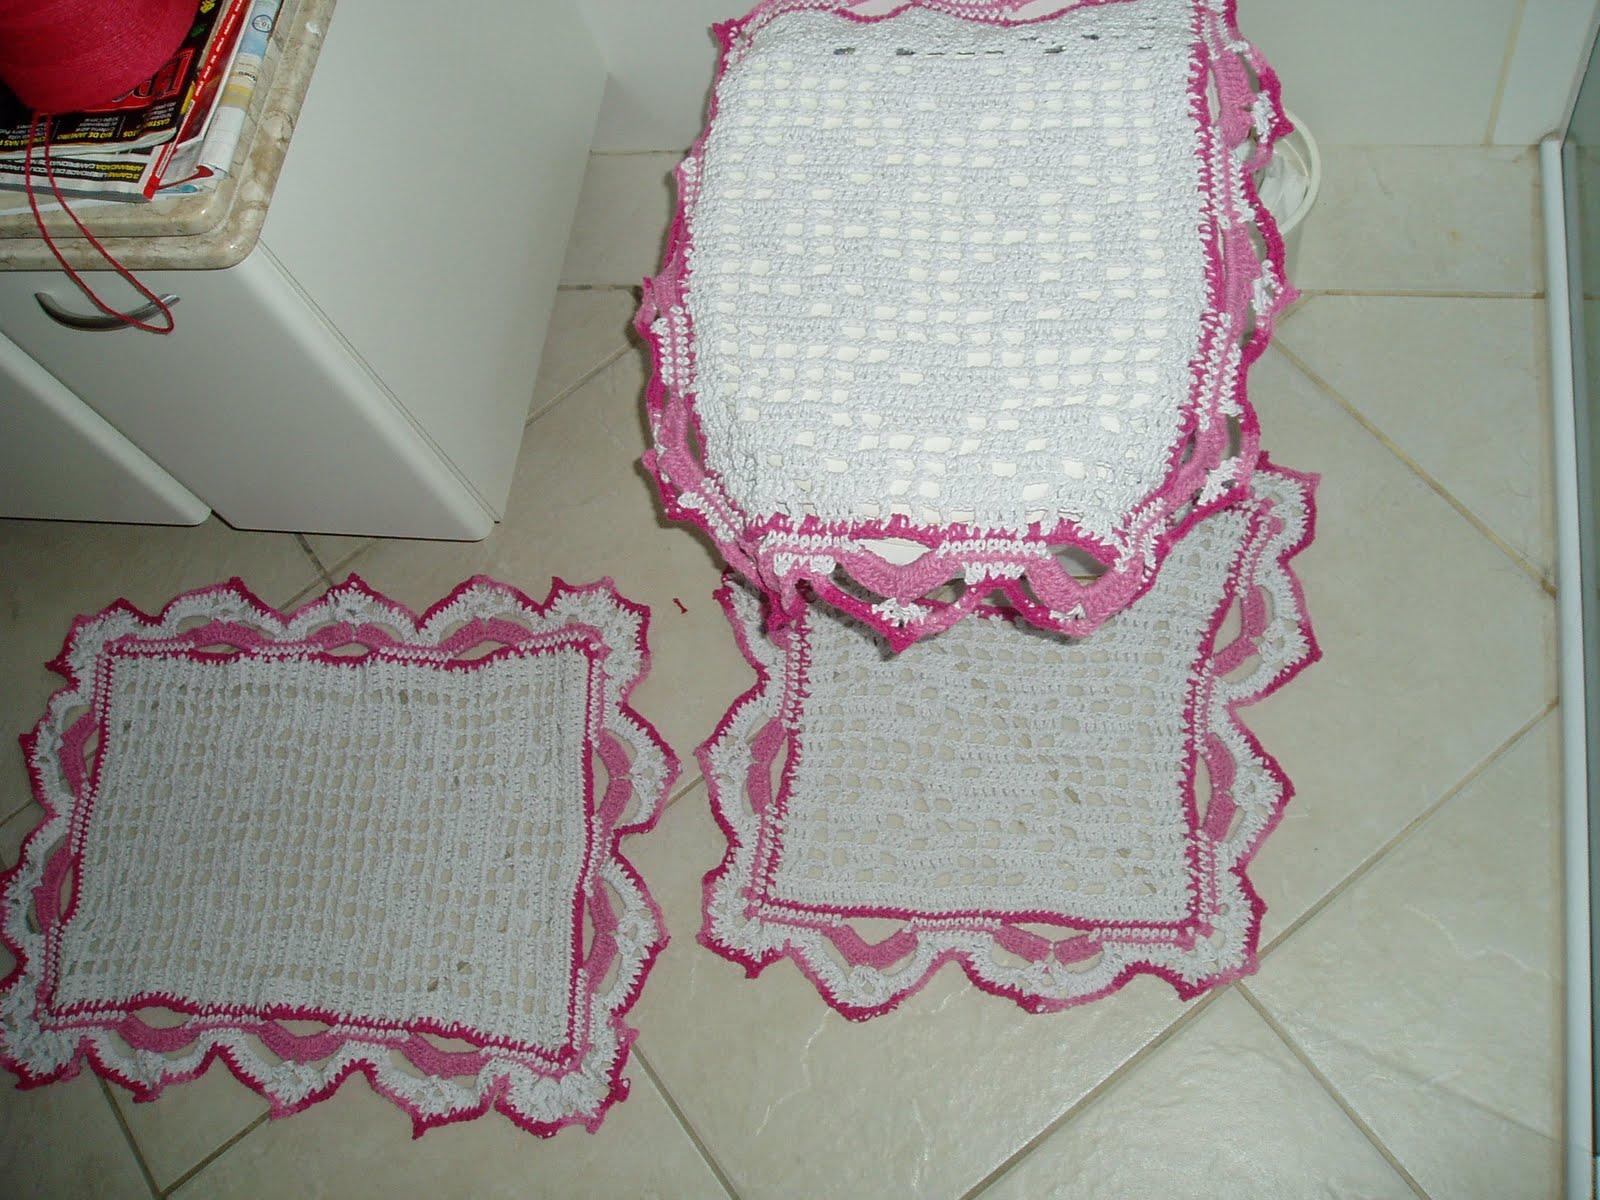 Tecendo Receitas: Jogo de banheiro em croche file branco e rosa #752538 1600x1200 Banheiro Branco E Rosa